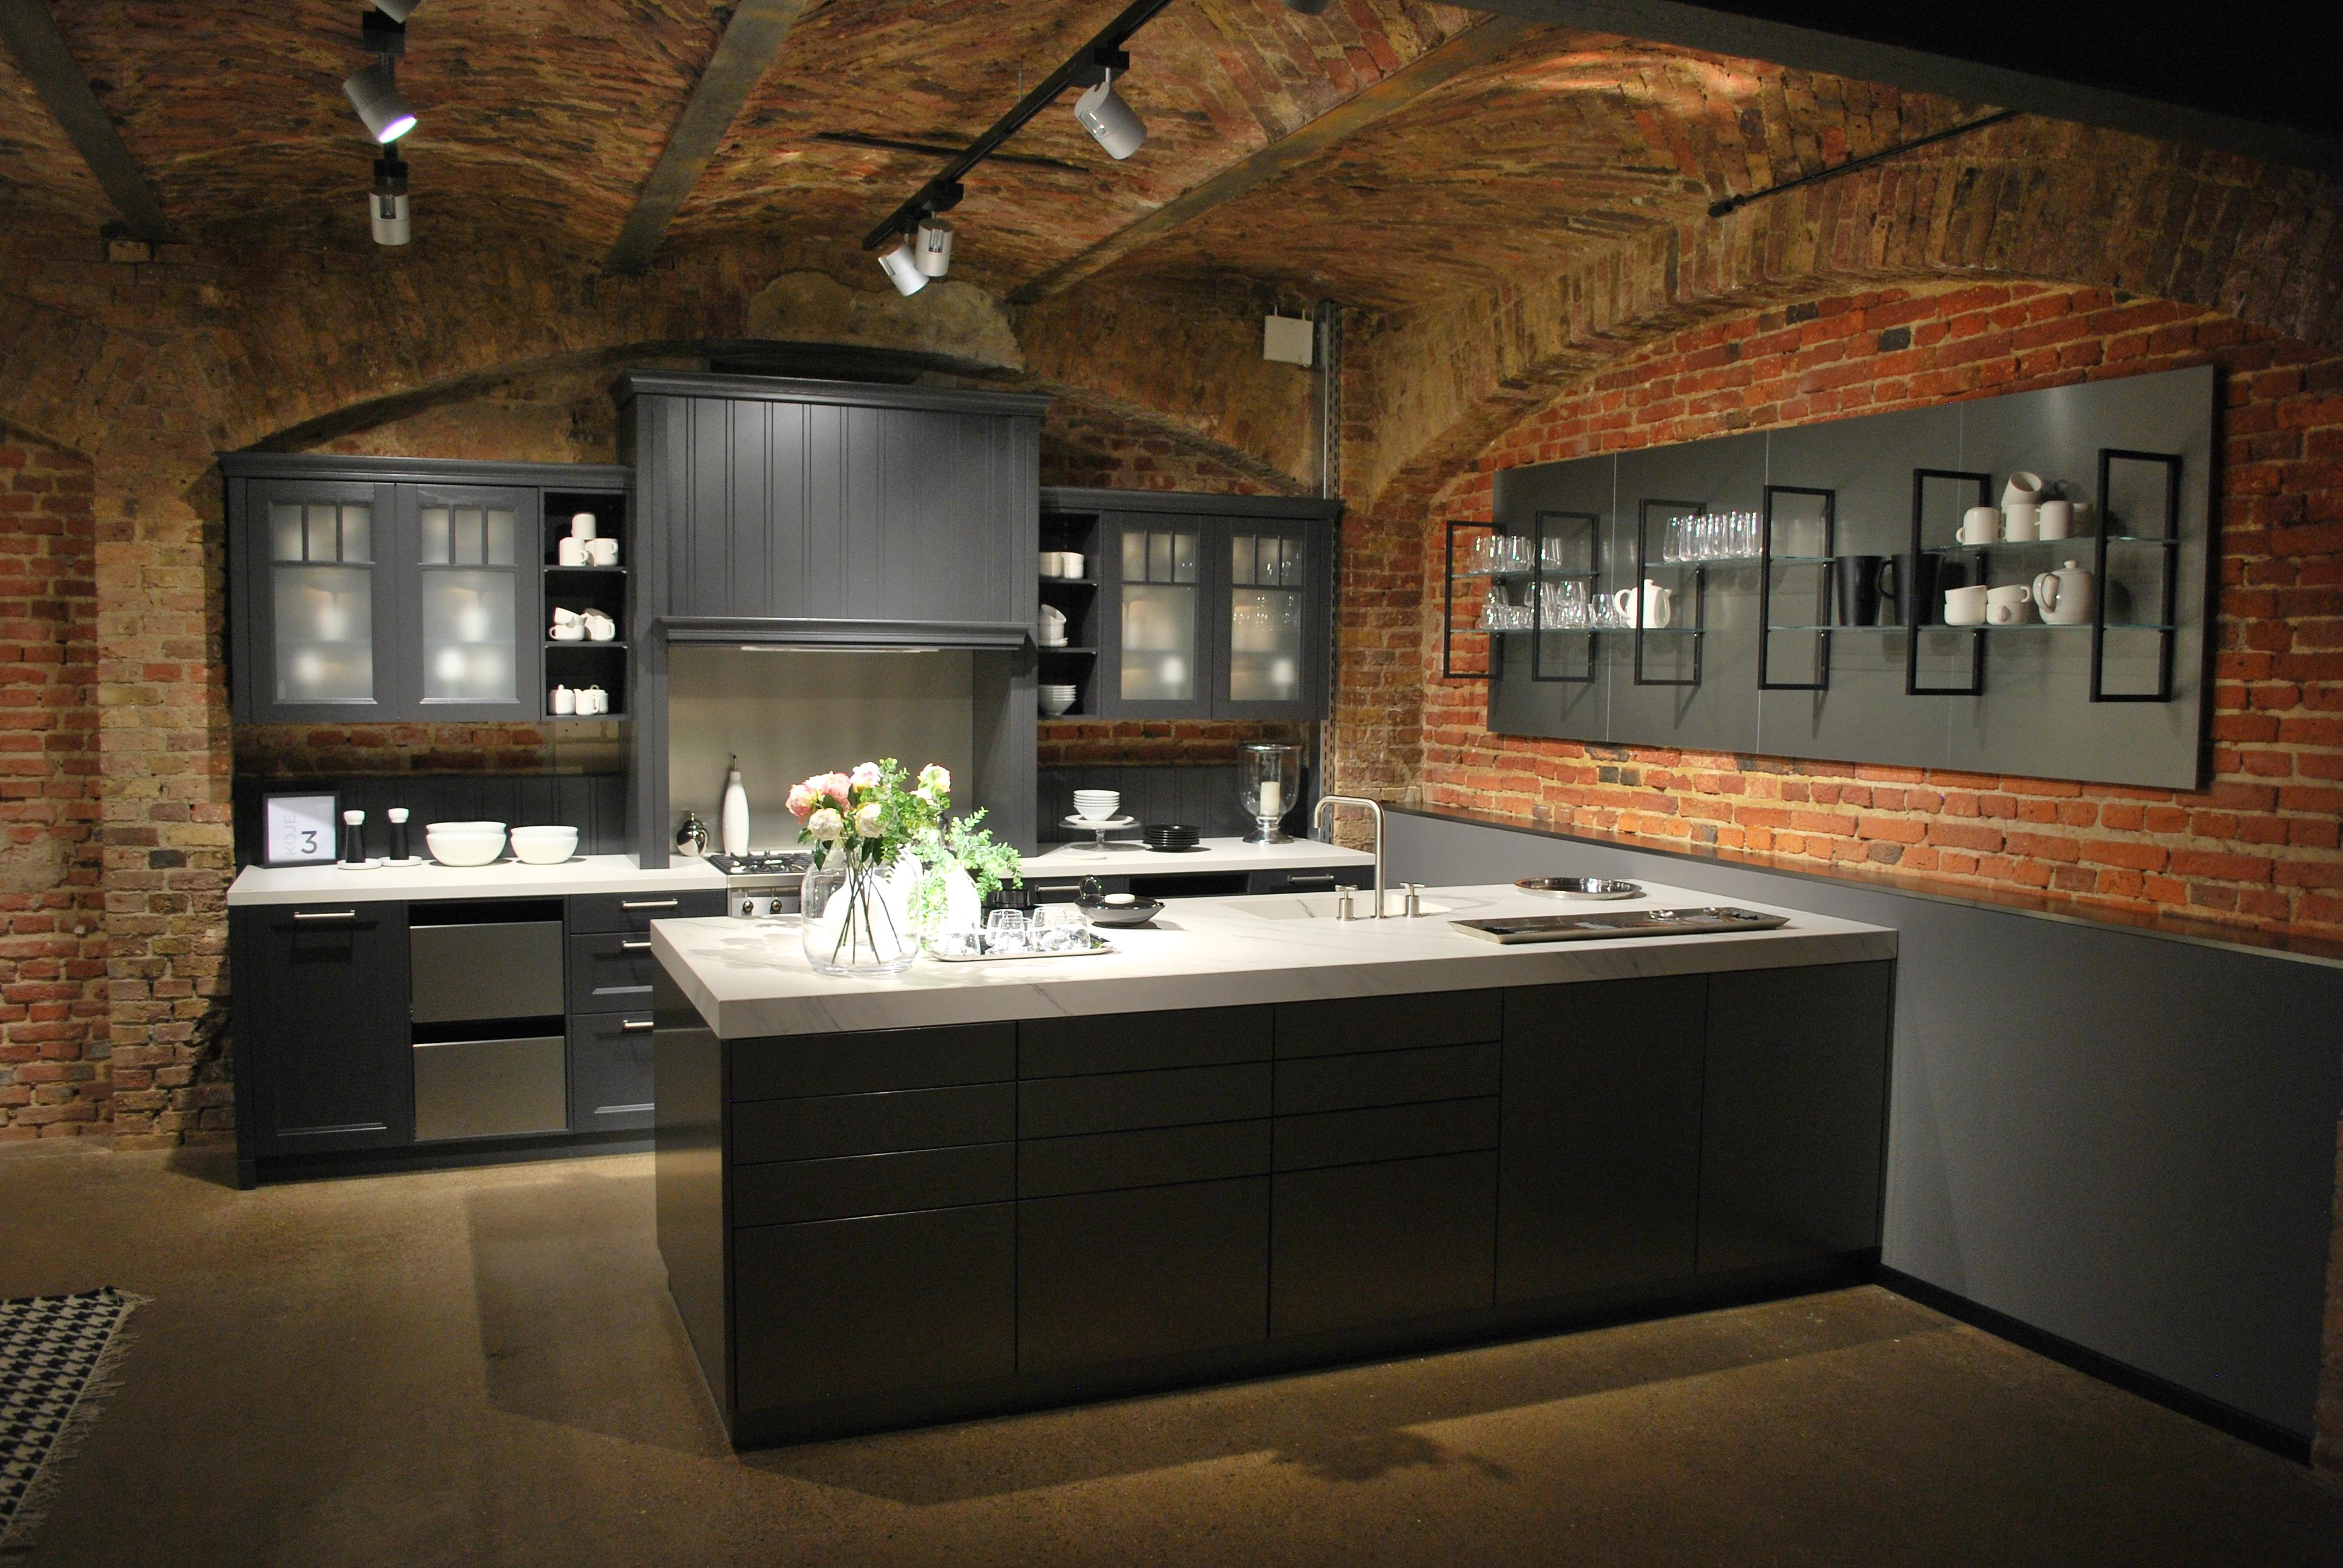 Schroder keukens wilka keukengroothandel for Keuken plannen in 3d